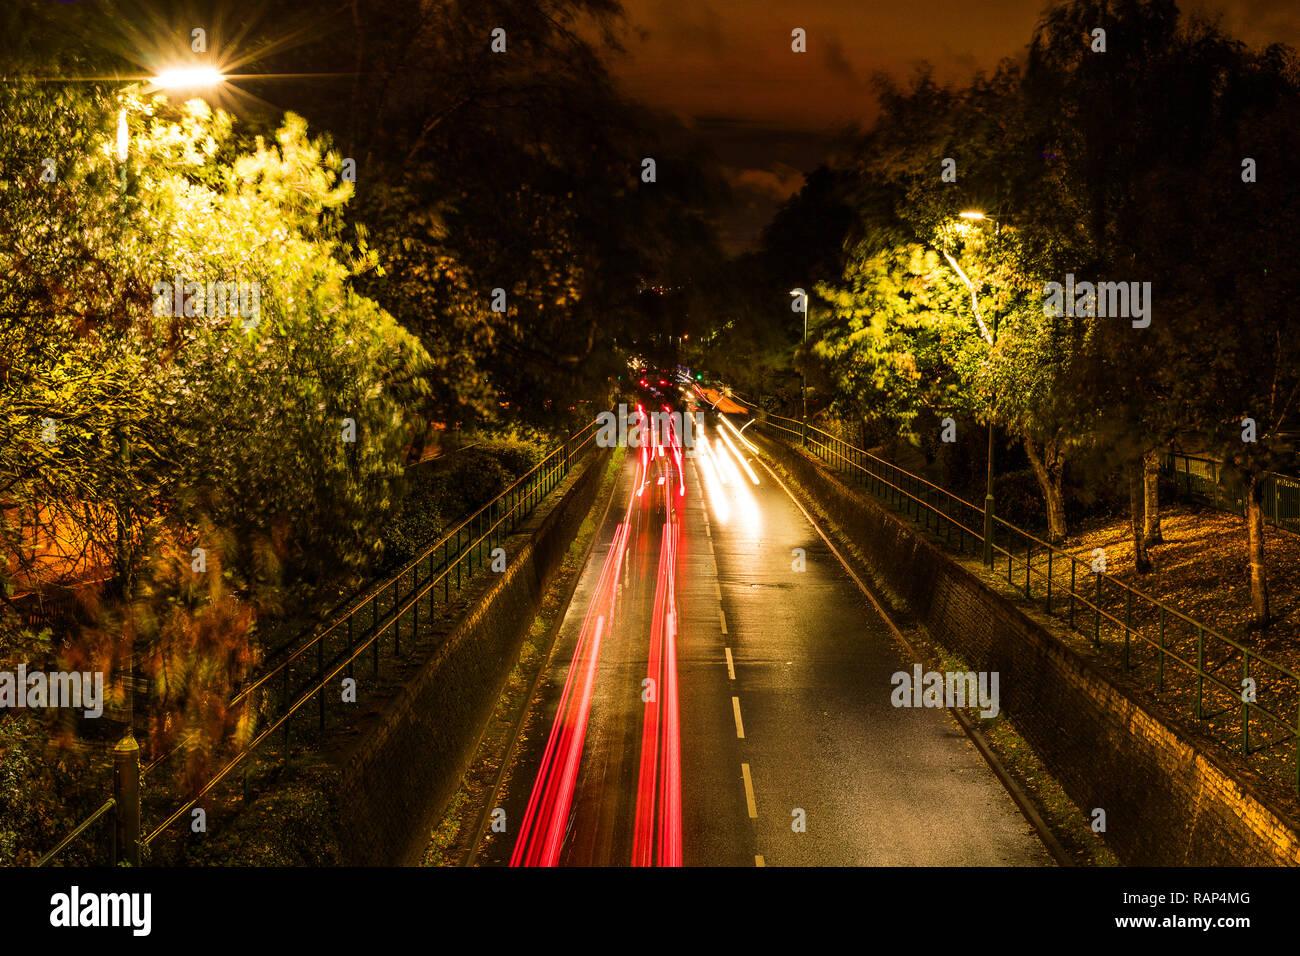 LED luci di strada e auto LED luci di testa la produzione intenso bagliore, di riflessione e di disturbo visivo sull'autostrada di notte Immagini Stock